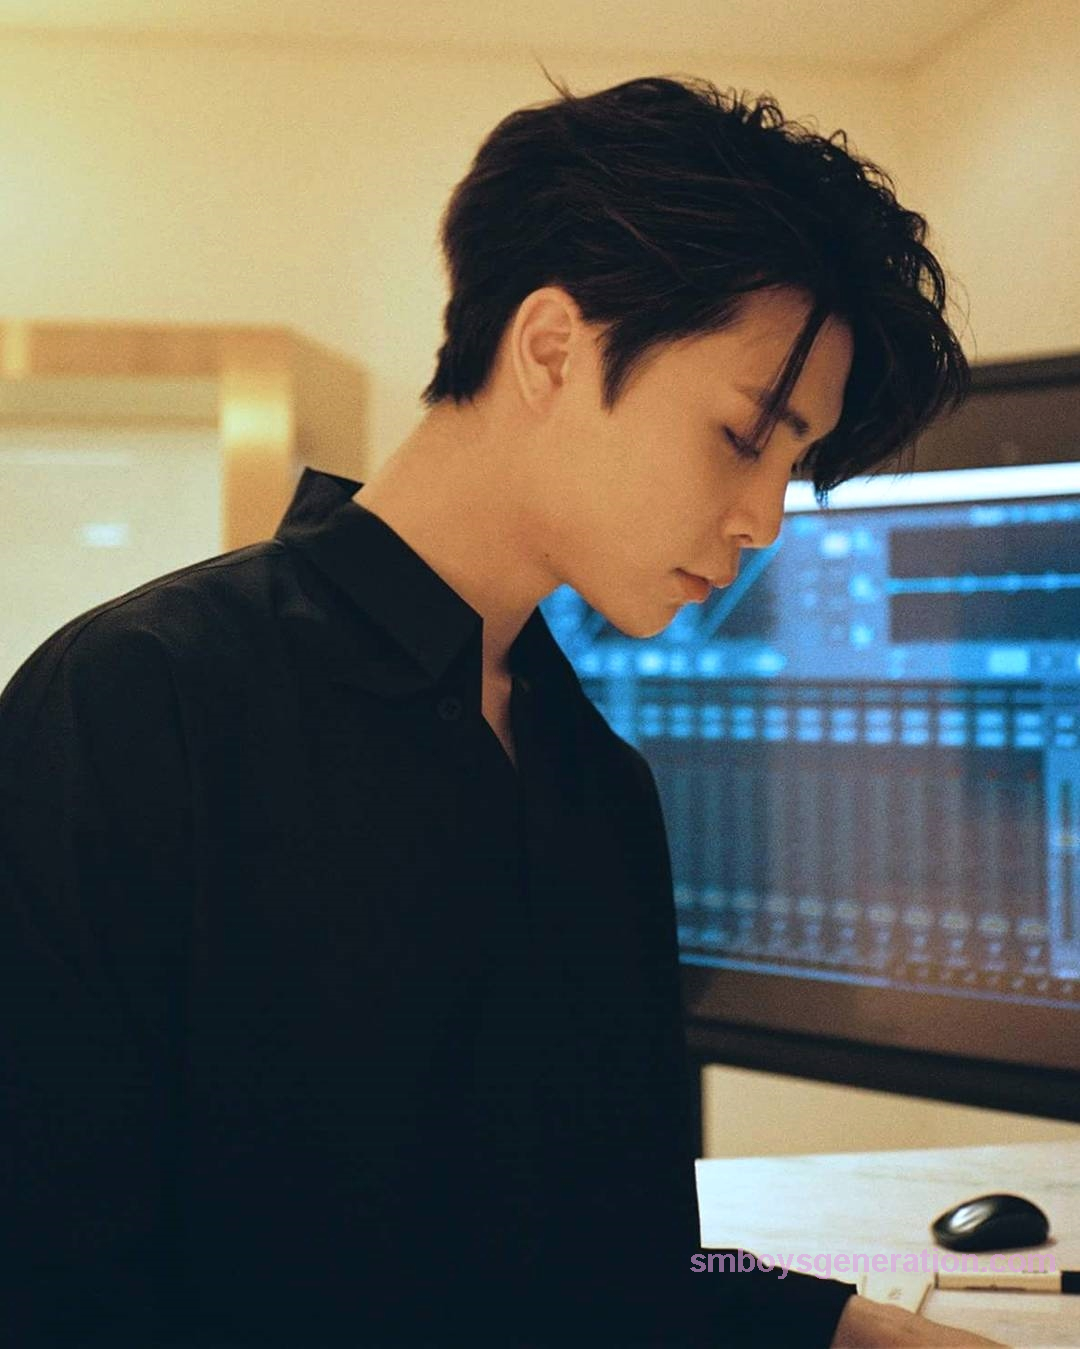 #NCT #Johnny's amazing side profile. #SMboysgeneration ...